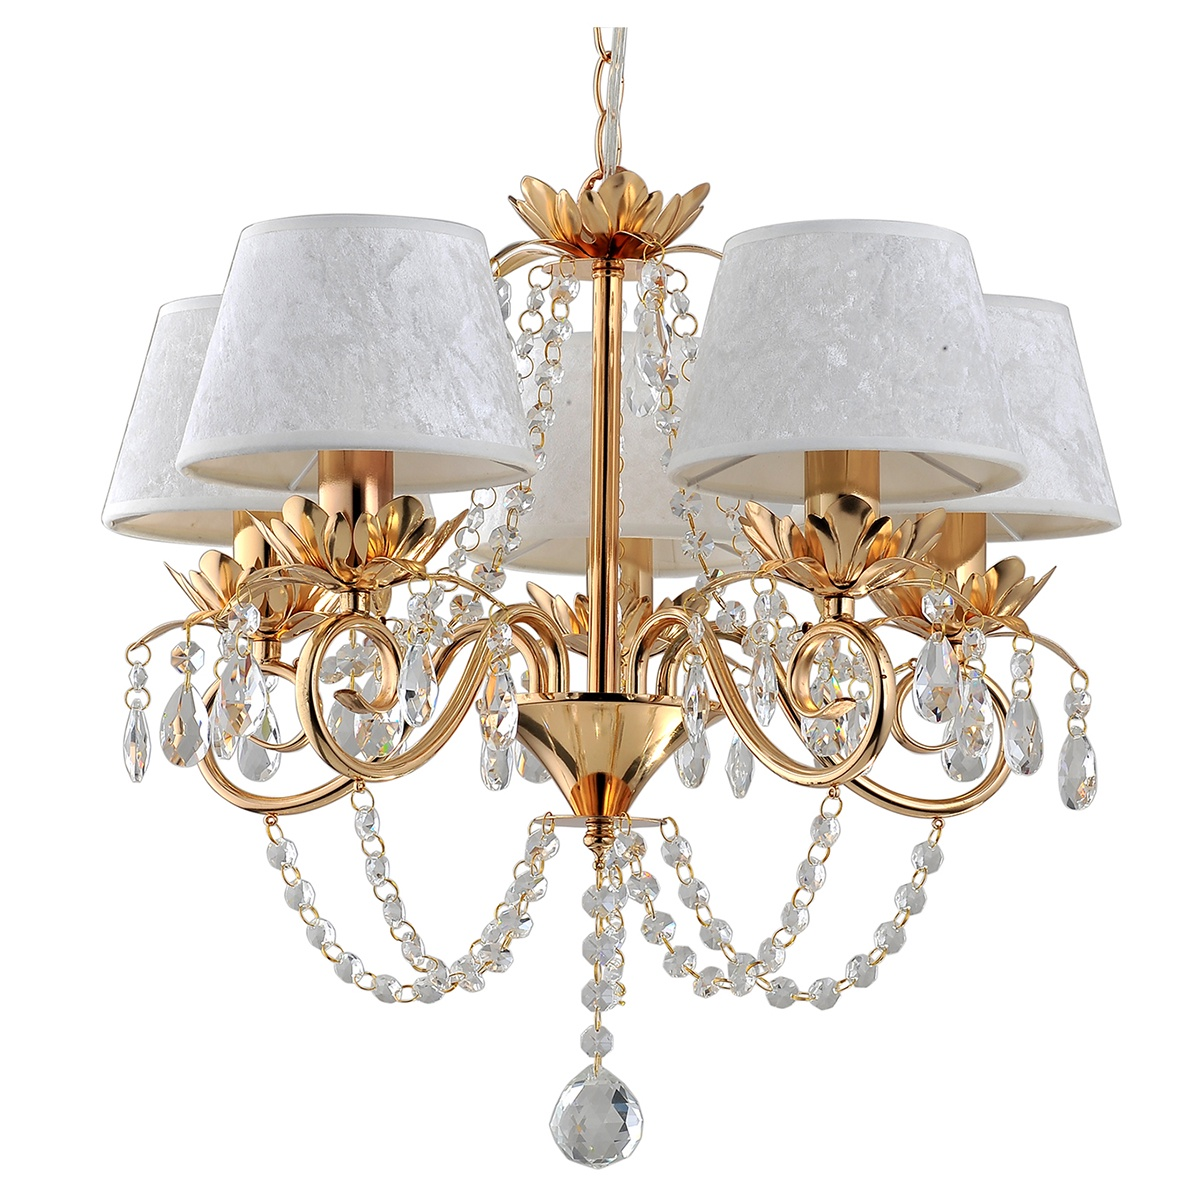 Потолочный светильник Collezioni Megan цены онлайн